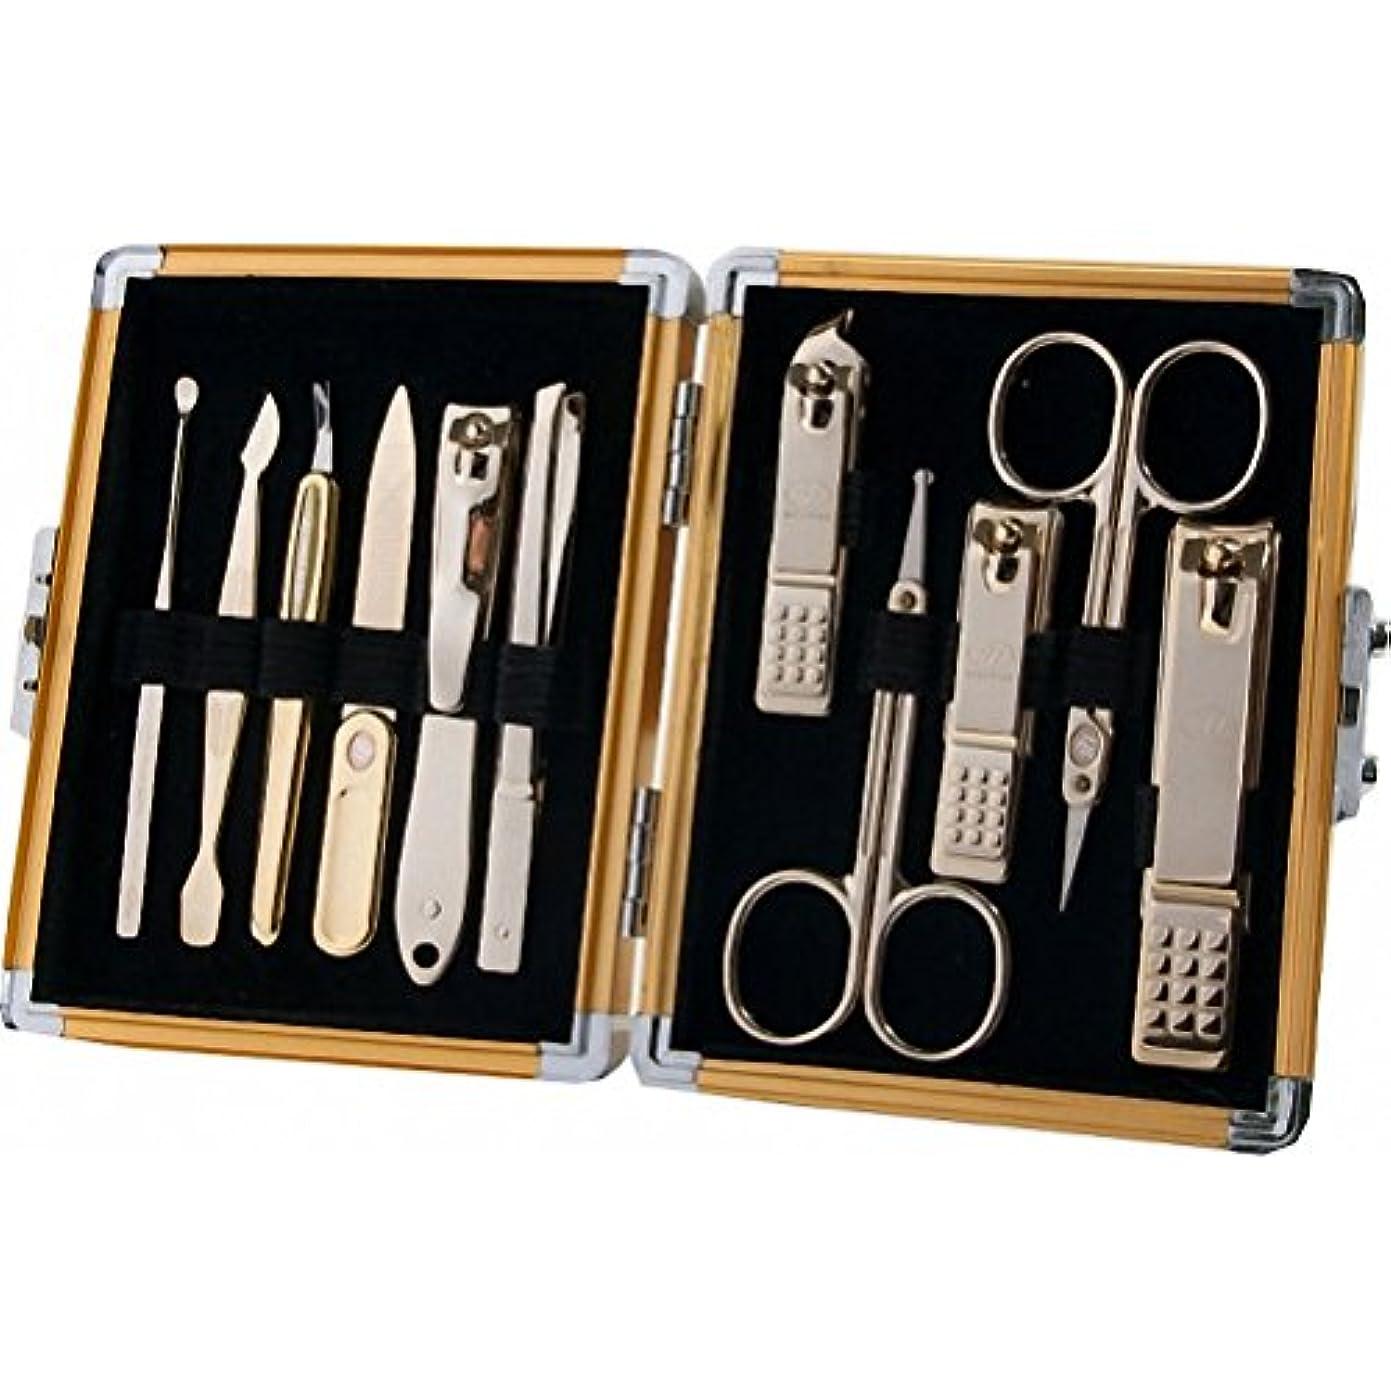 意味増幅する無視する【 三セブン】THREE SEVEN TS-16000 Manicure Set in Aluminum Case 三セブンアルミケースのTS 16000マニキュア セット (4.Gold_Gold) [並行輸入品]